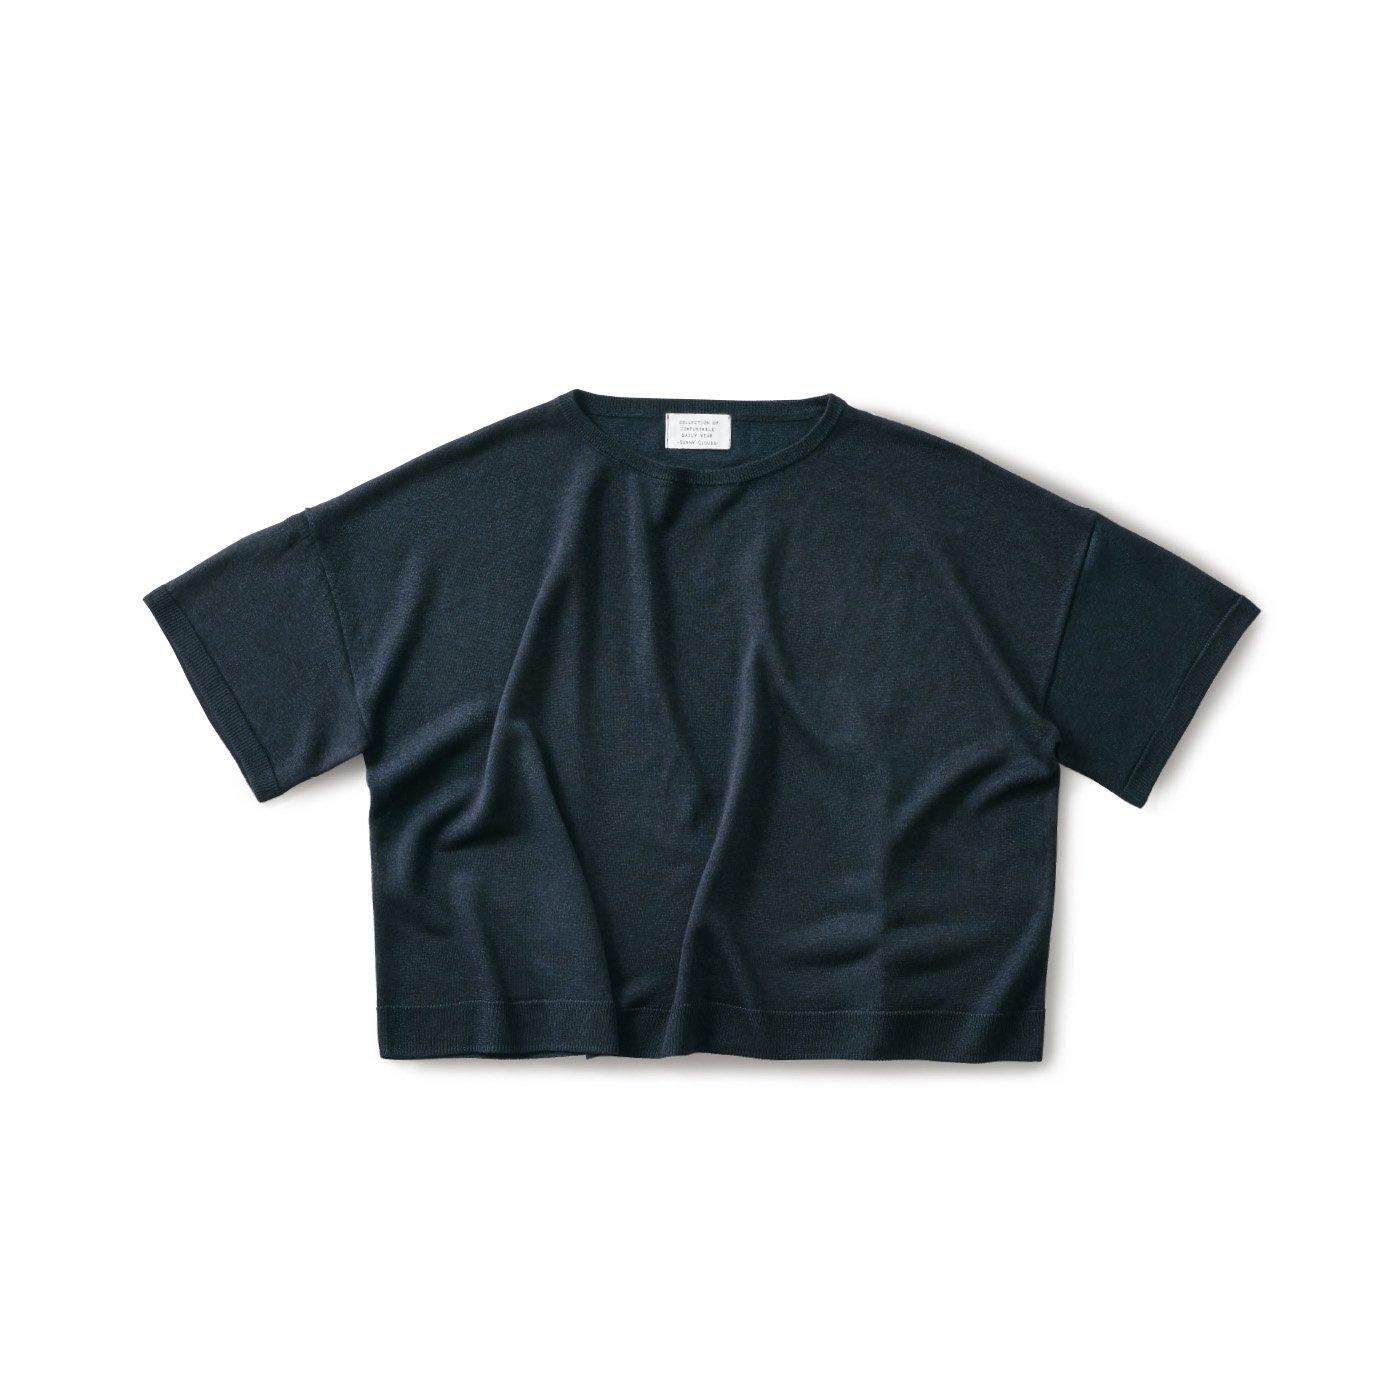 サニークラウズ ほぼ四角いセーター〈レディース〉